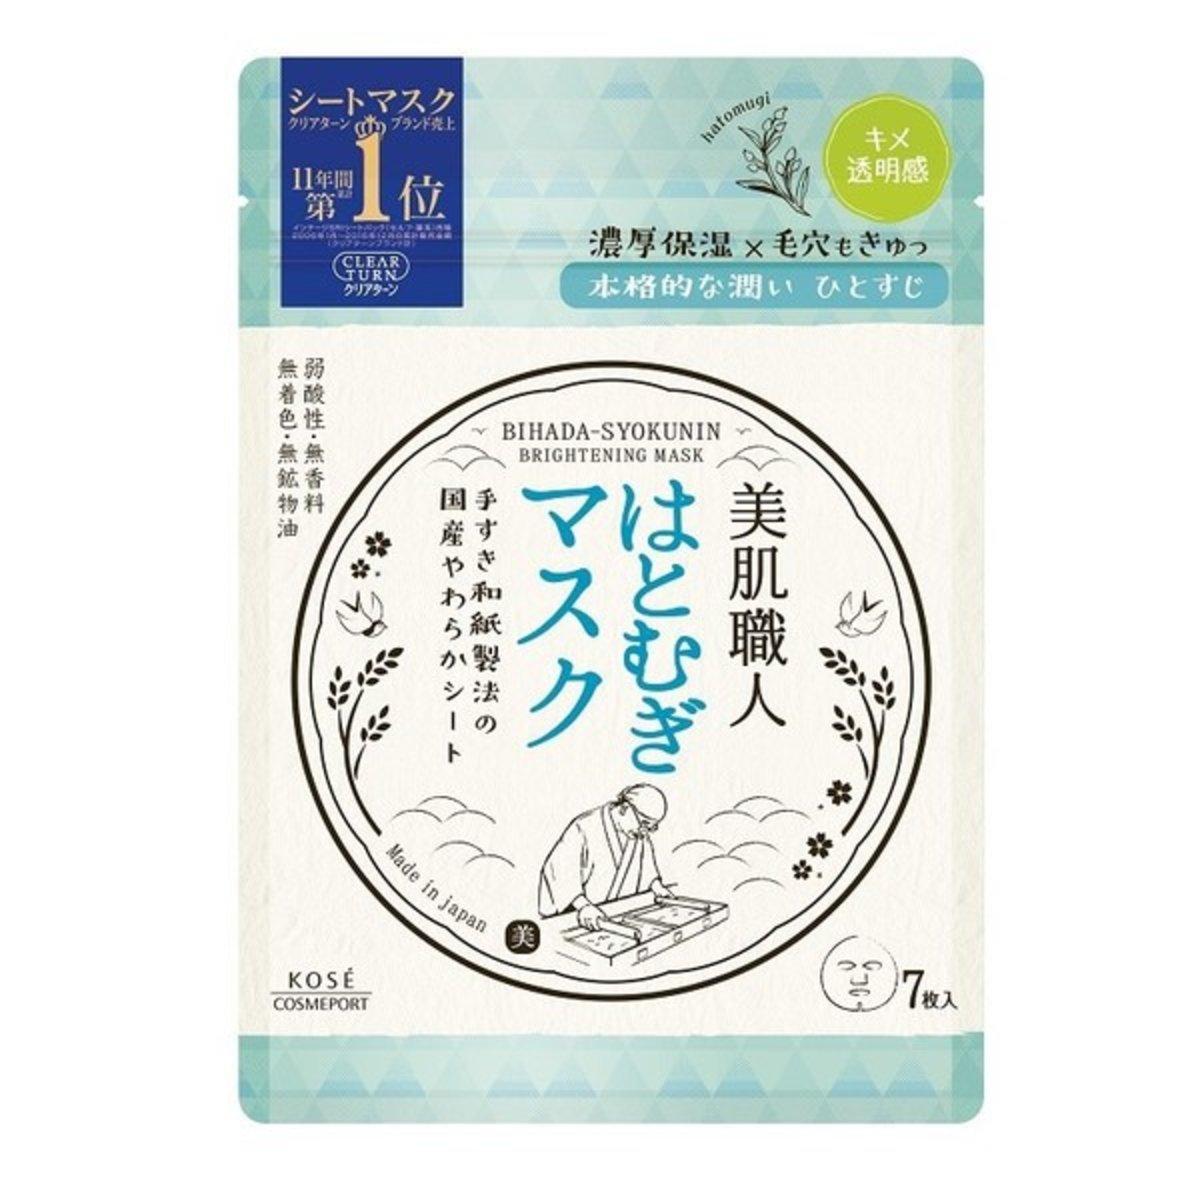 Kose Clear Turn Bihada-Syokunin Beautiful Skin Artisan Brightening Coix Seed